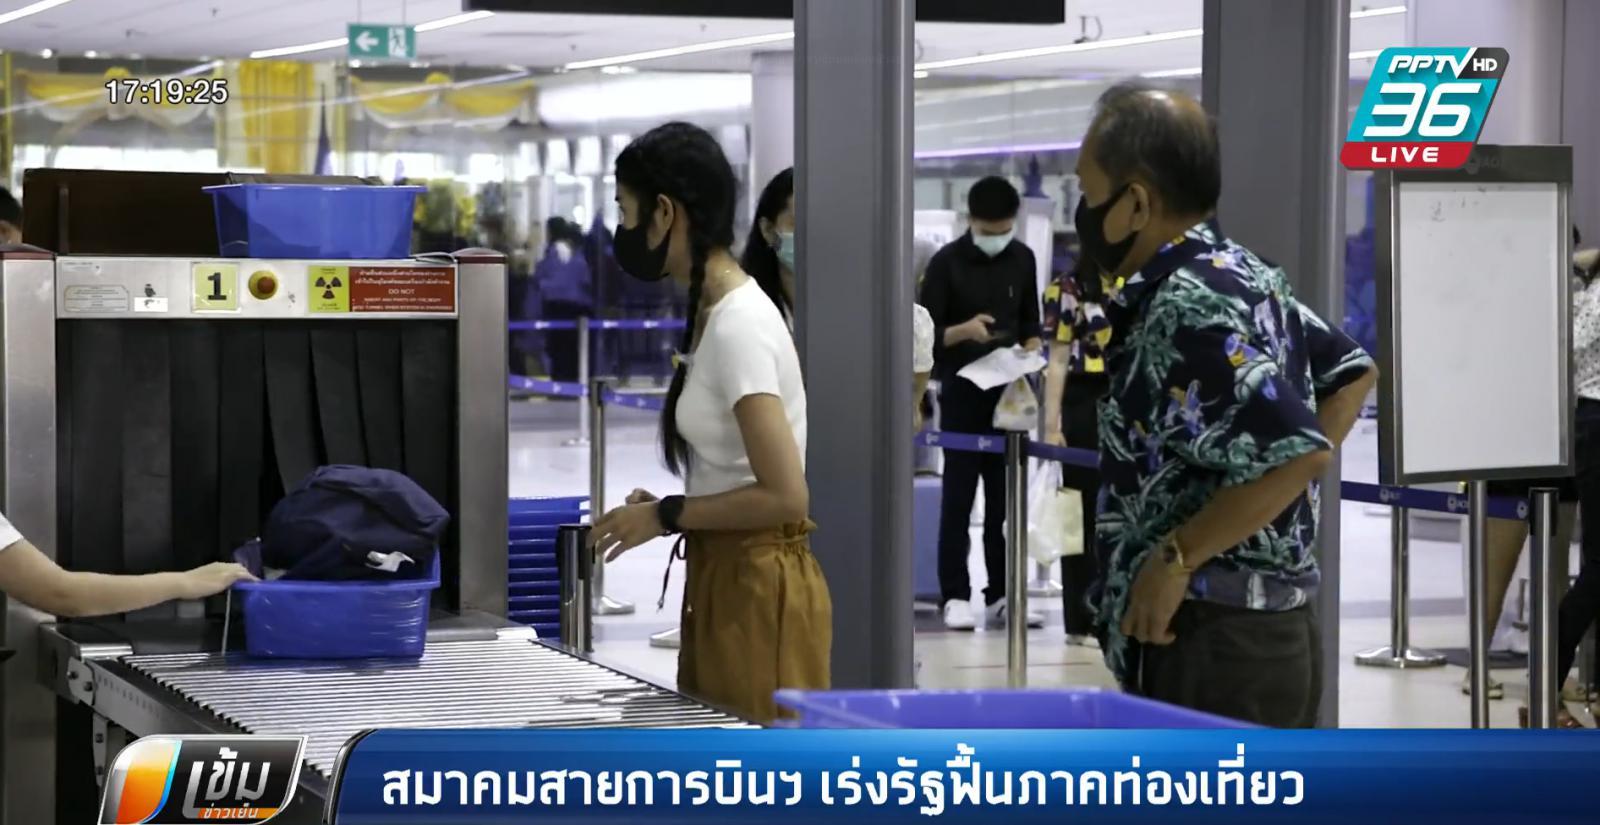 สมาคมสายการบินฯ เร่งรัฐฟื้นภาคท่องเที่ยว